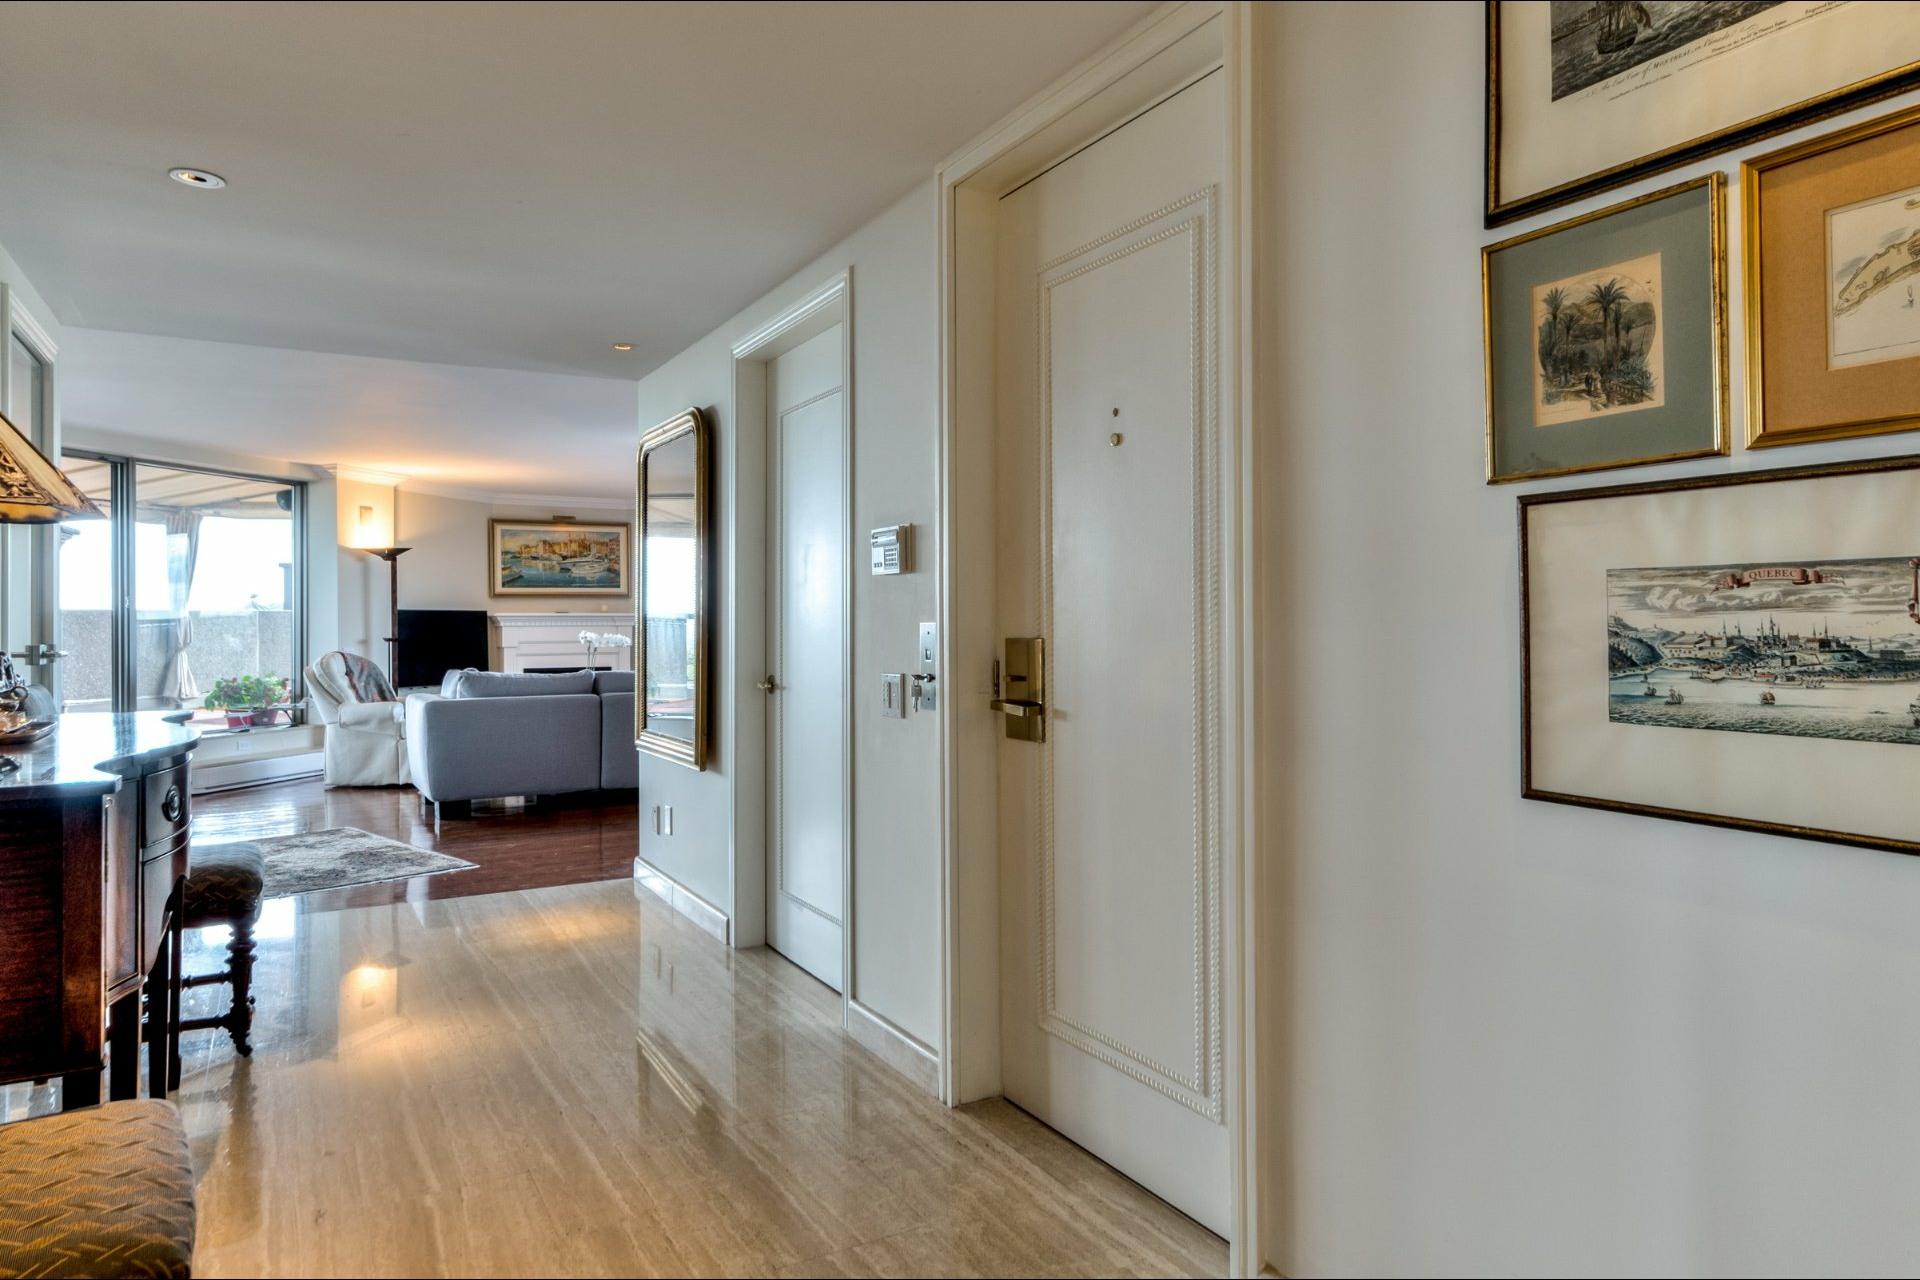 image 34 - Appartement À vendre Côte-des-Neiges/Notre-Dame-de-Grâce Montréal  - 12 pièces